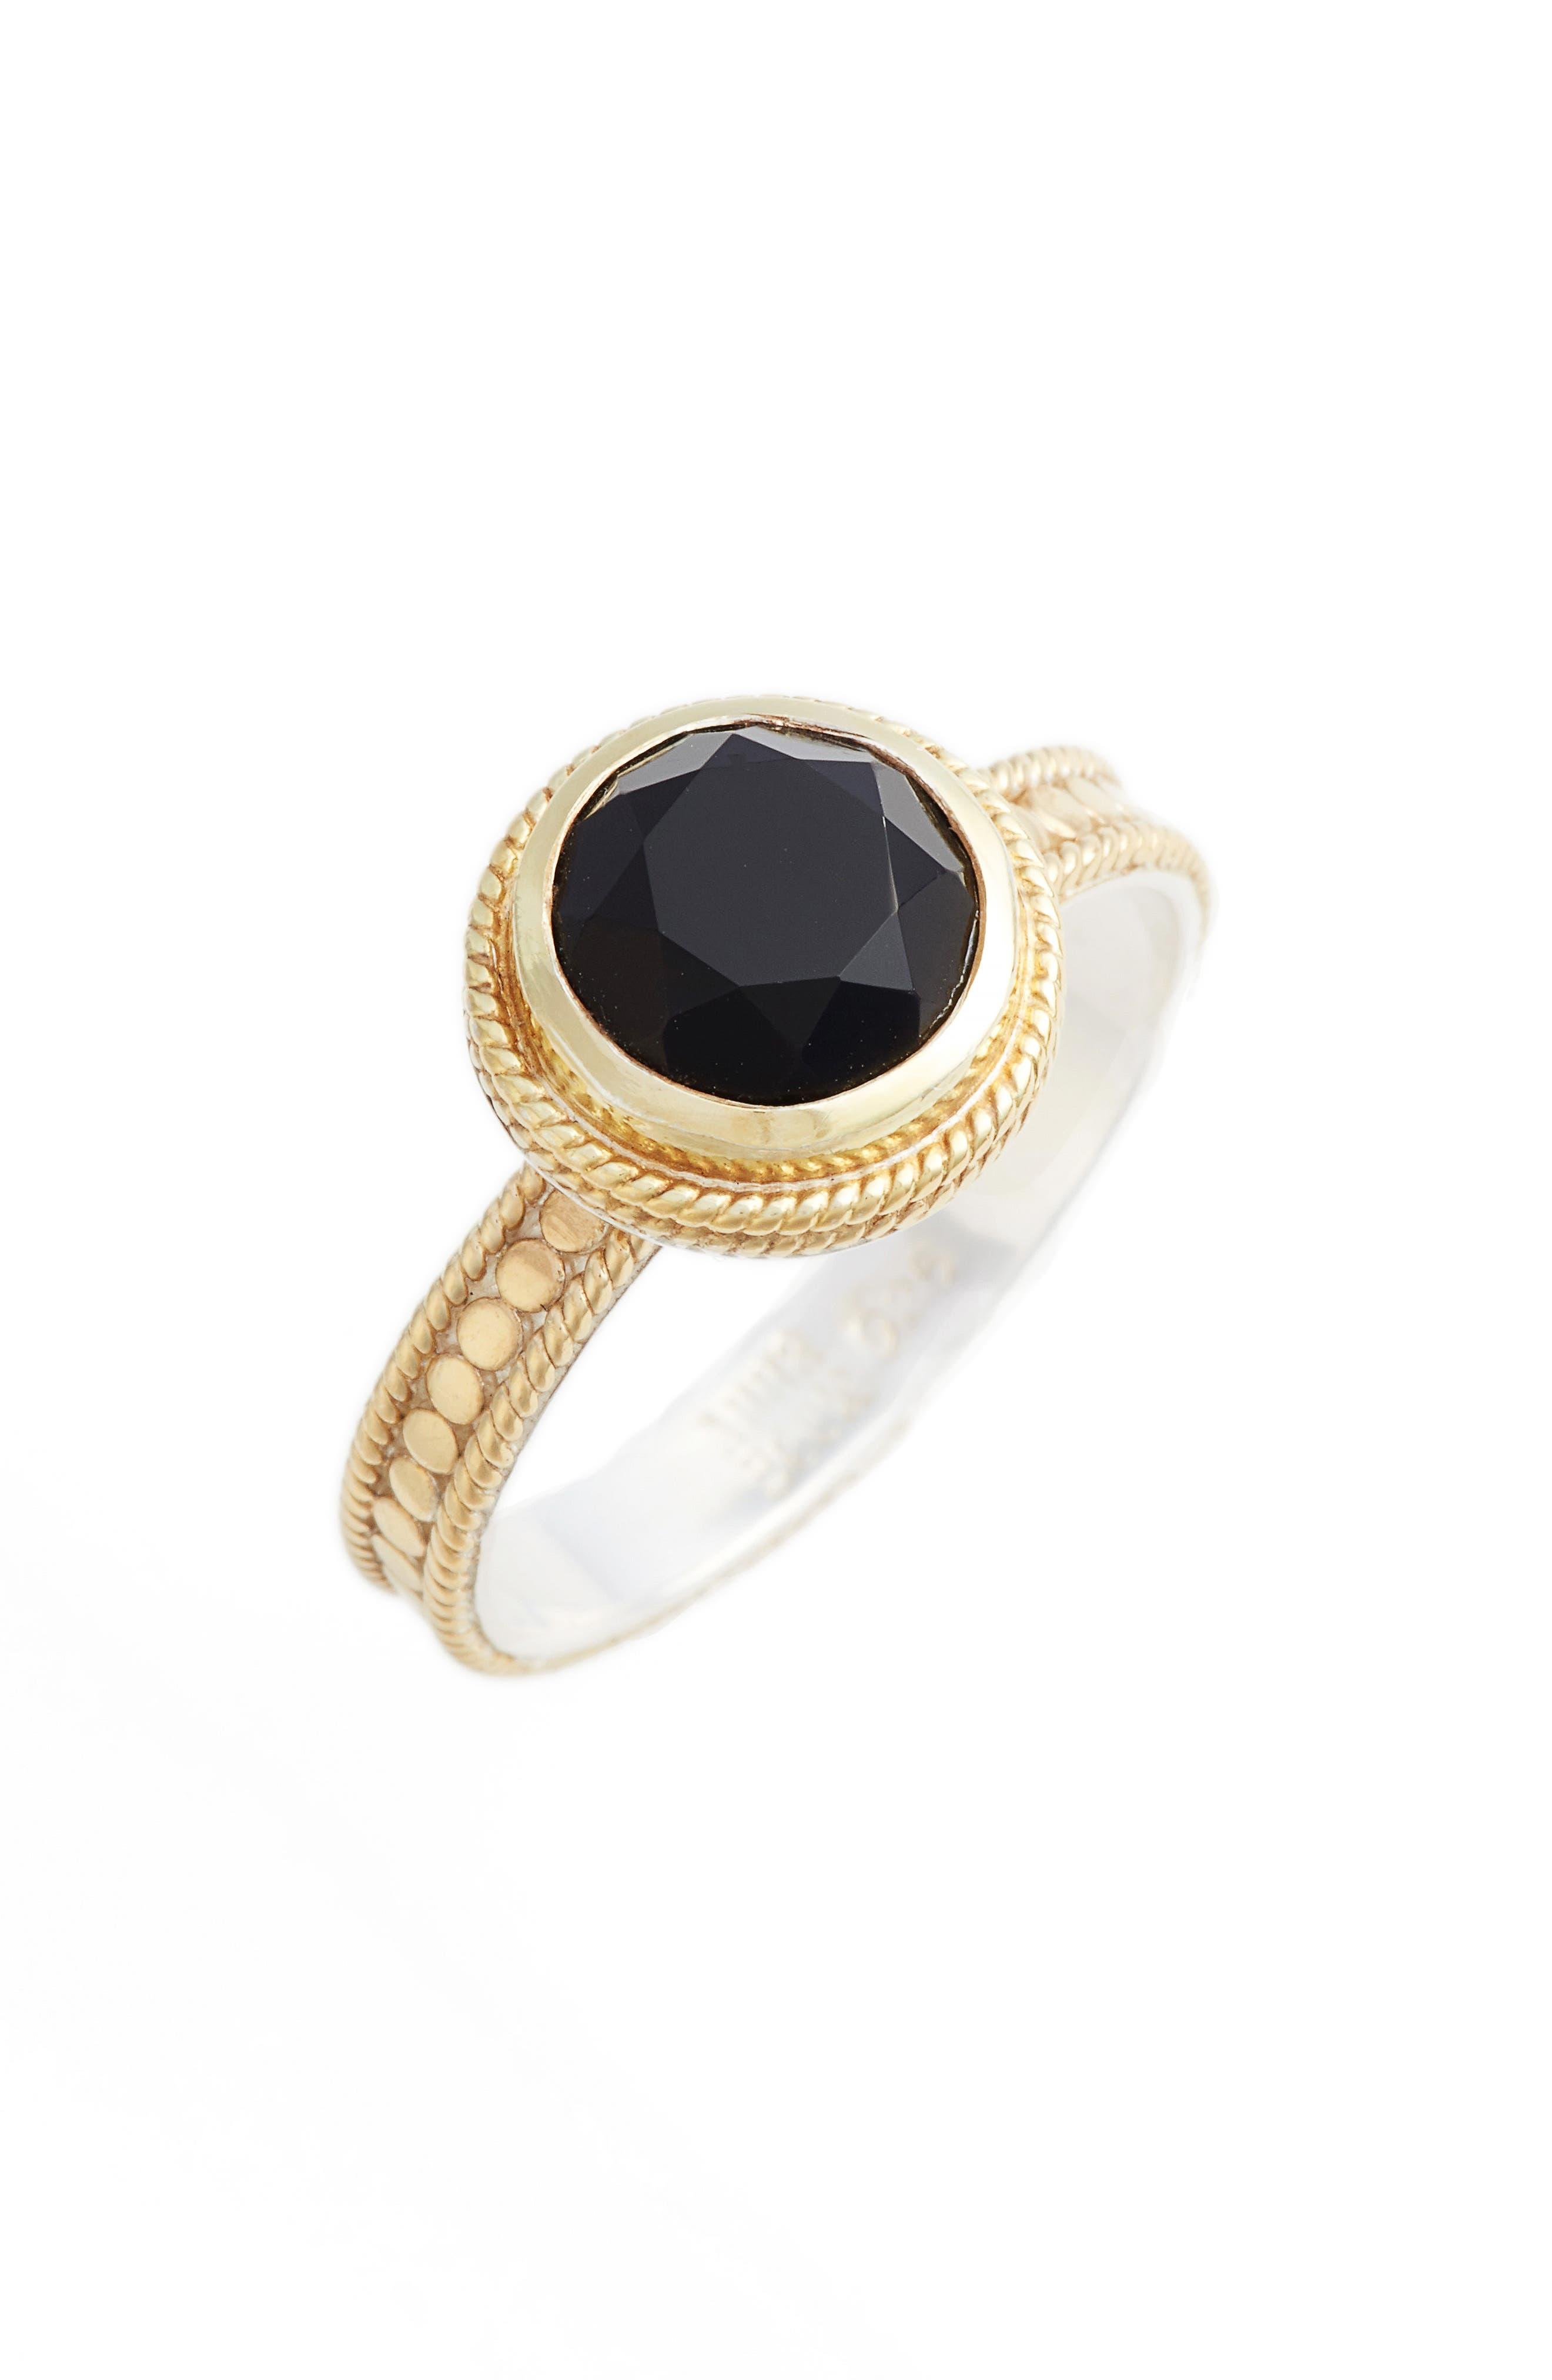 Main Image - Anna Beck Semiprecious Stone Ring